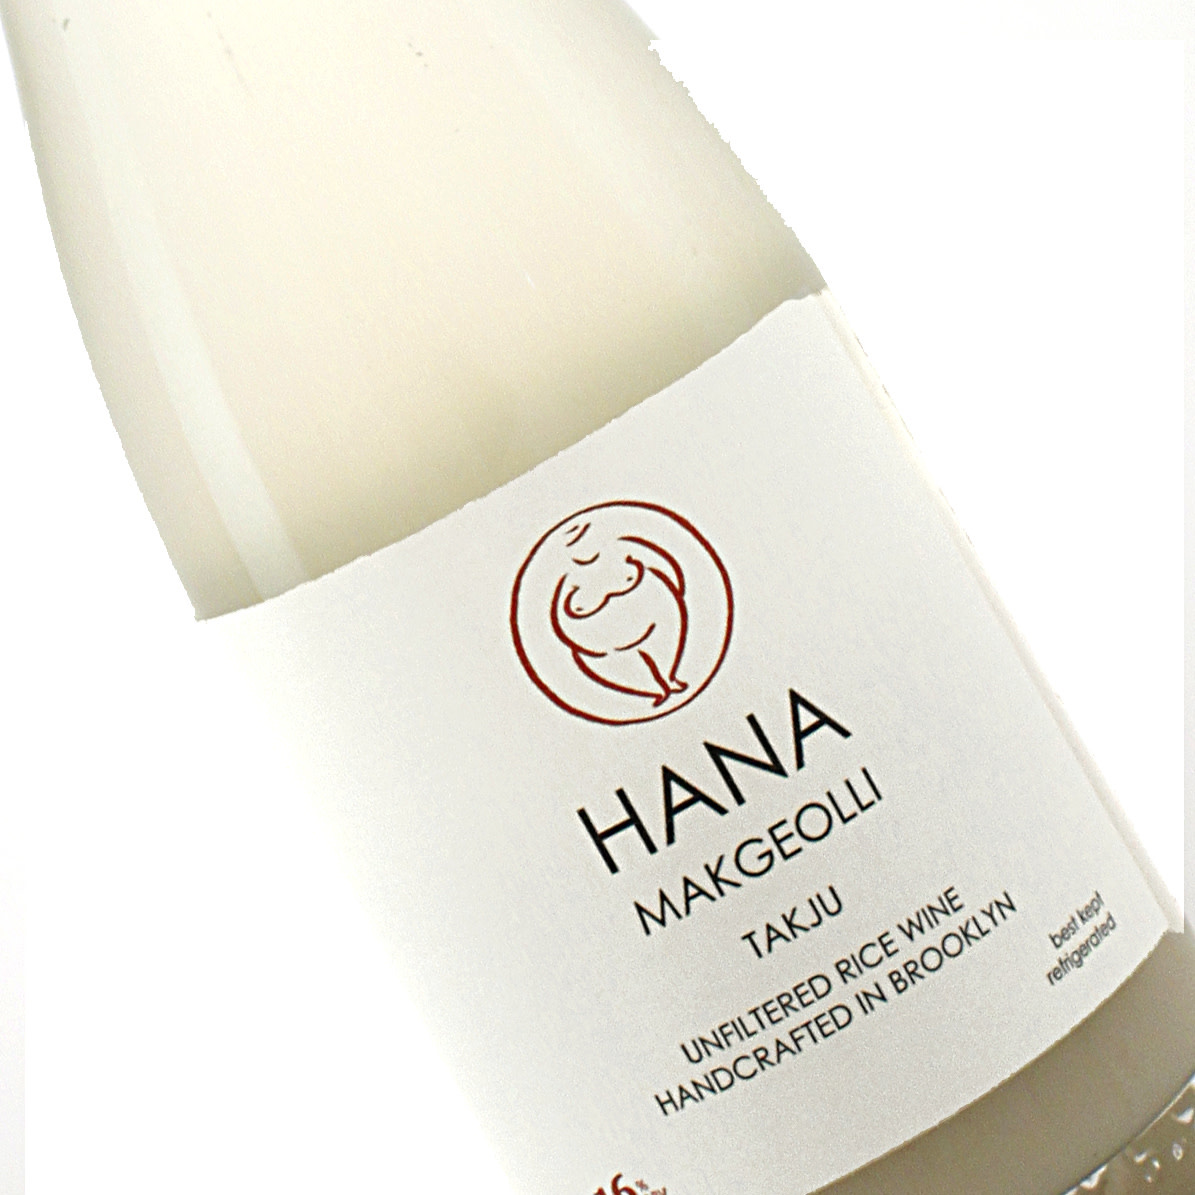 Hana Makgeolli Takju Unfiltered Rice Wine Brooklyn, NY 375ml